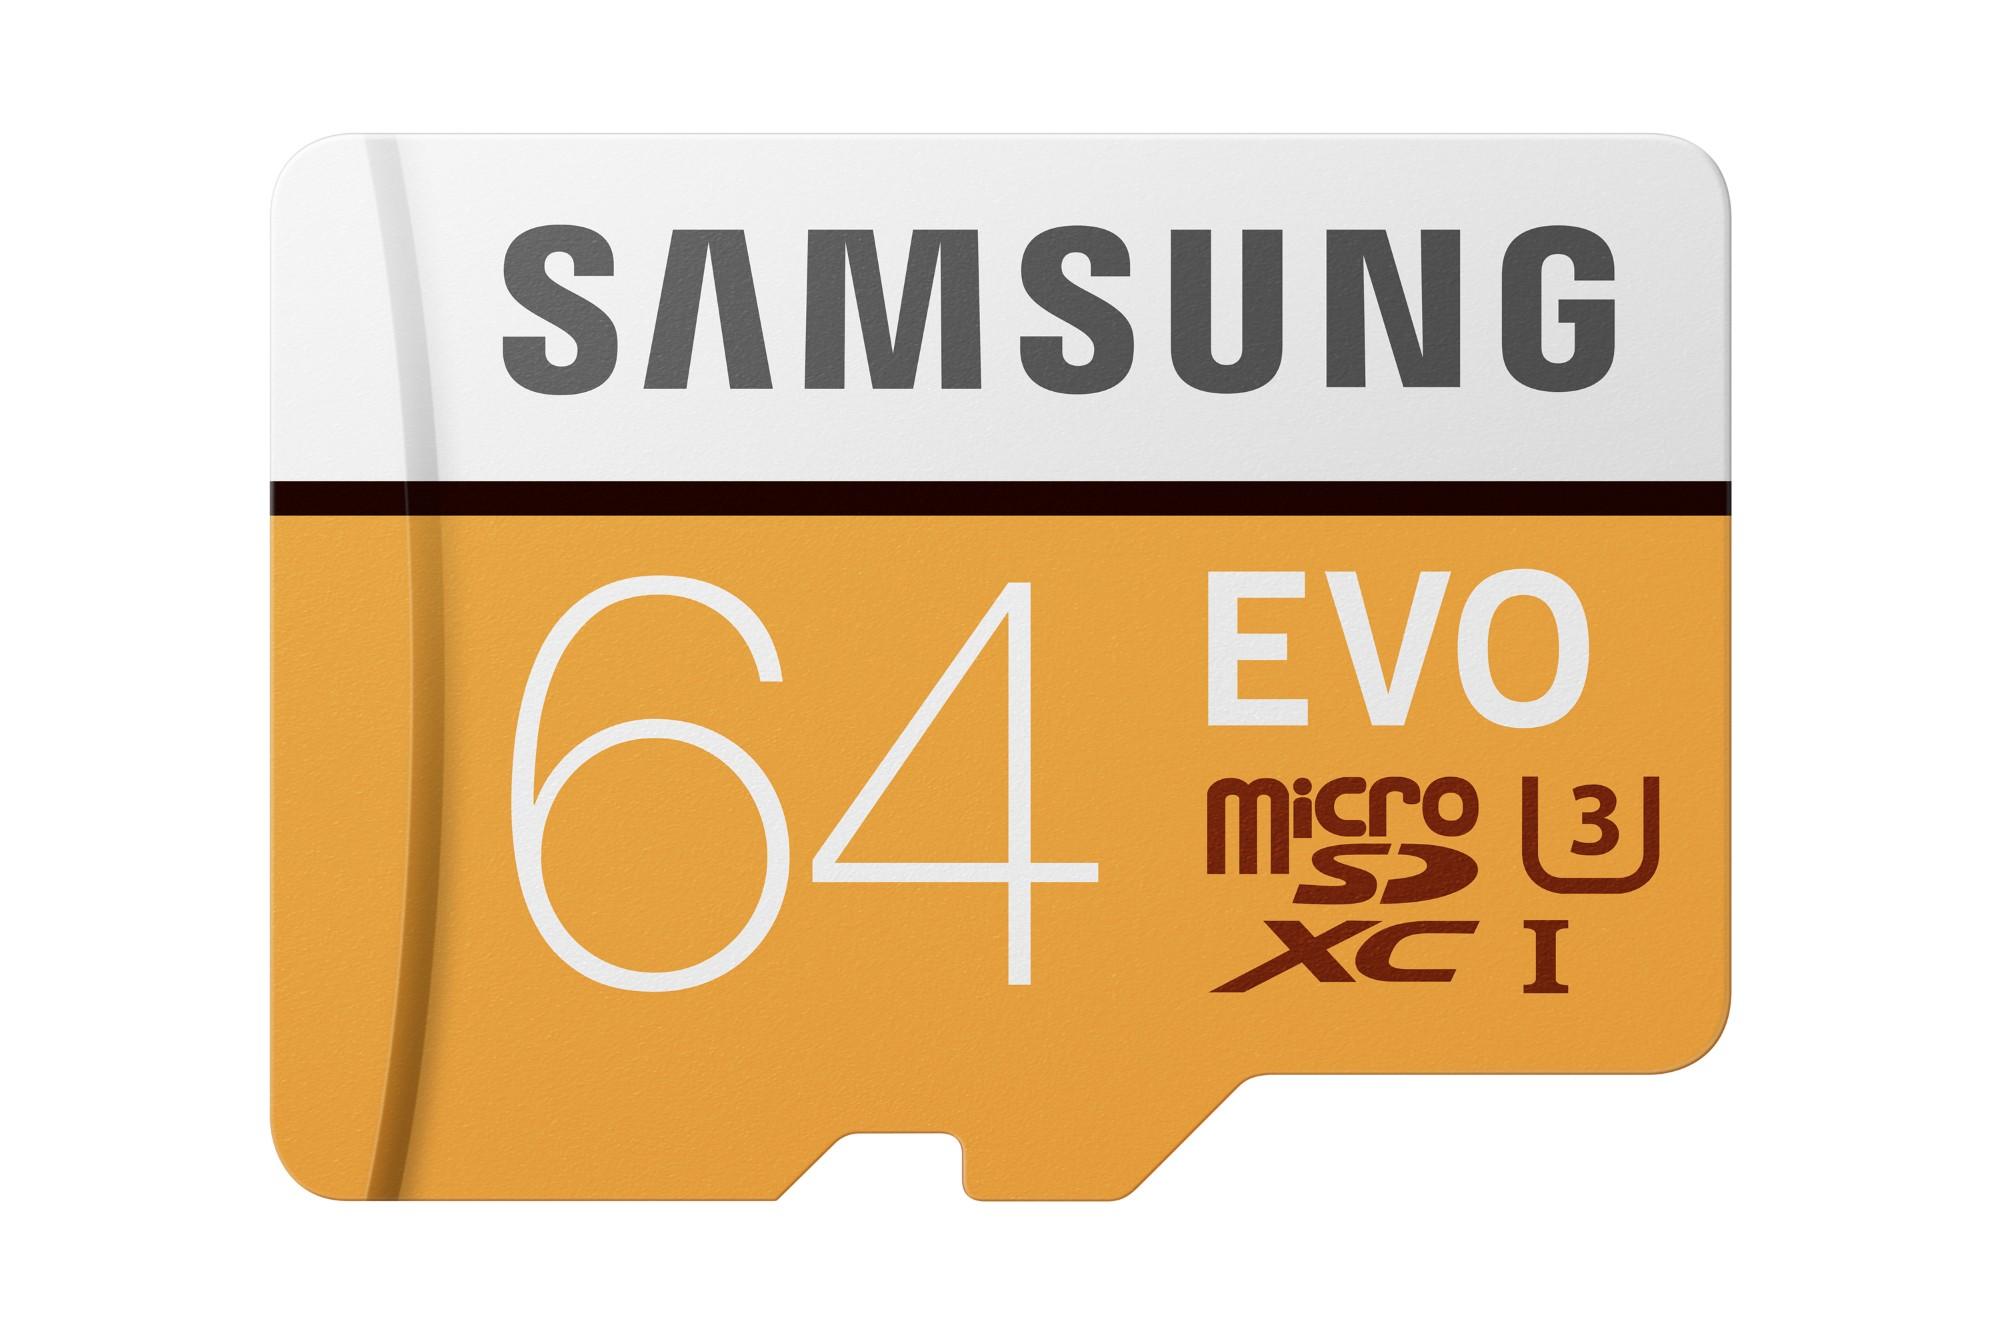 Evo - 64GB Micro Sd - Class 10 Adaptor